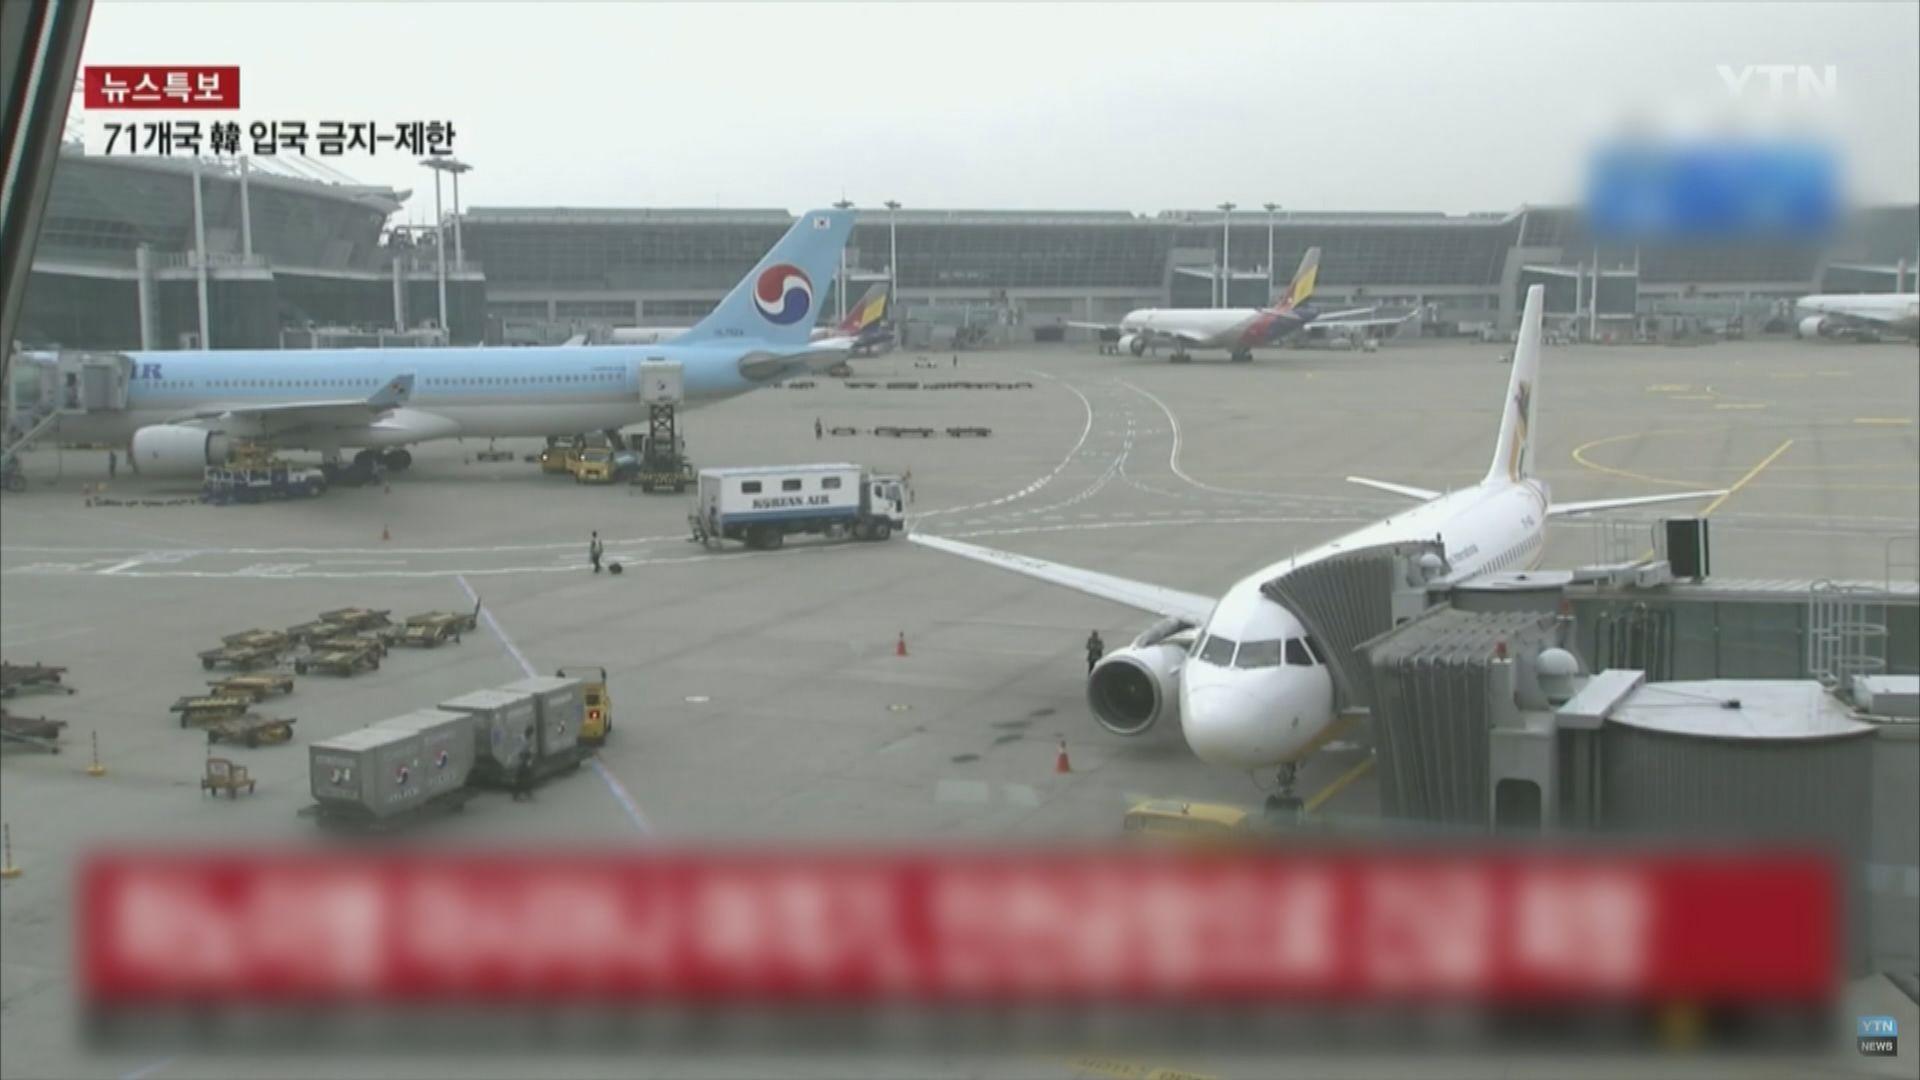 韓亞客機疑因疫情遭拒降落河內